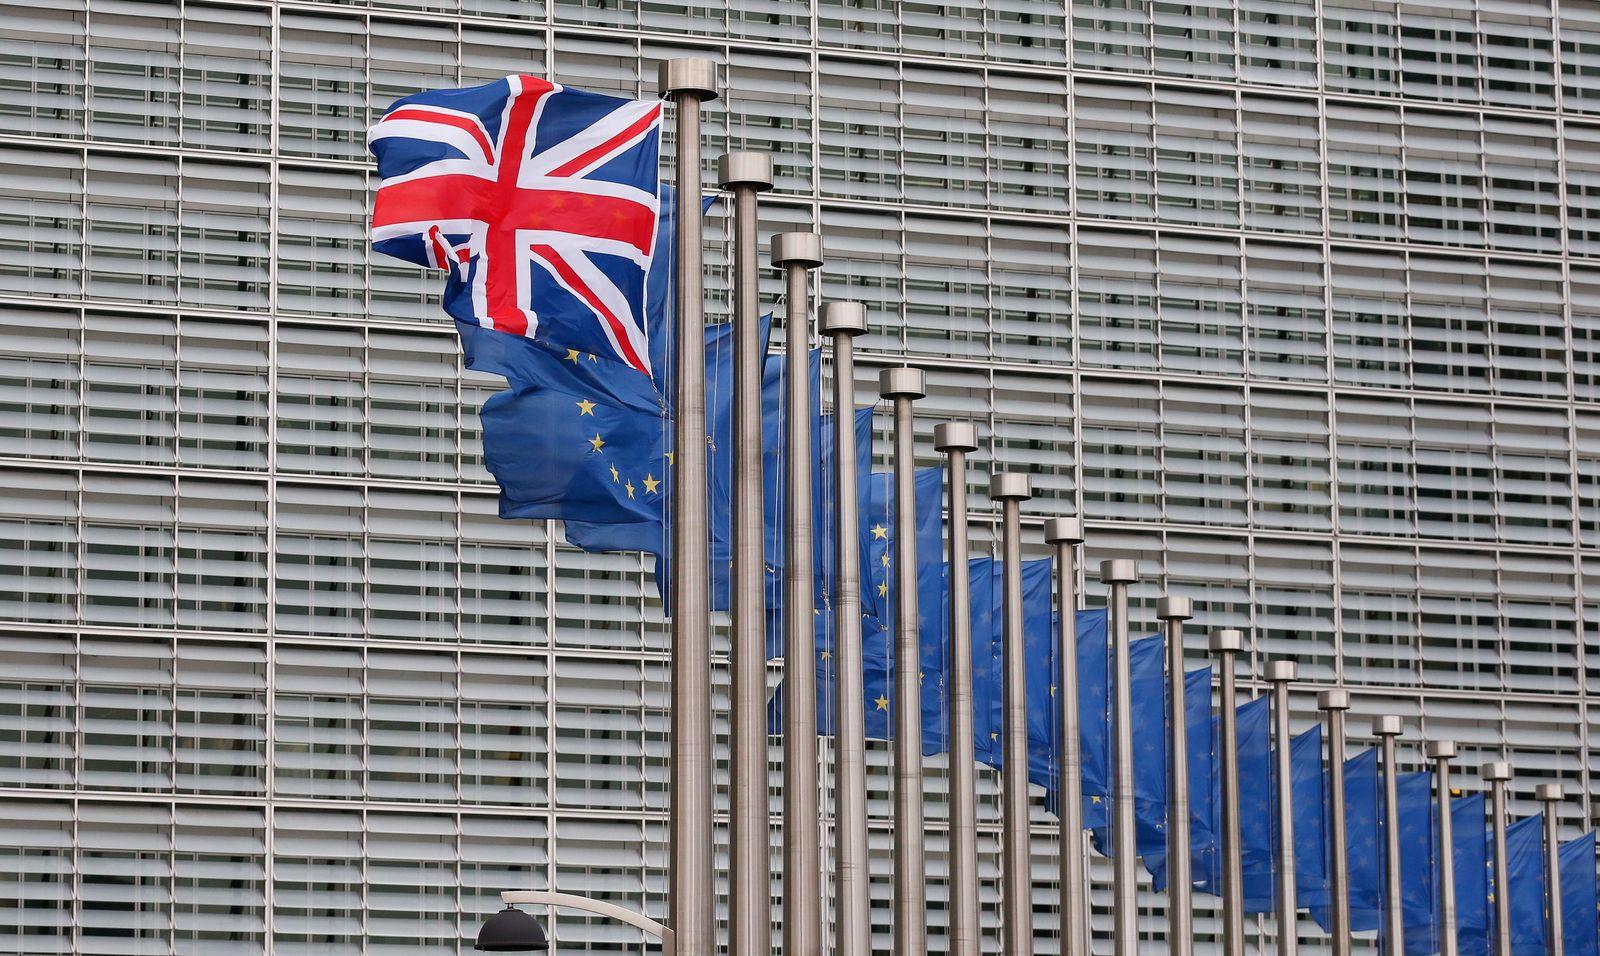 Brüssel / EU Kommission